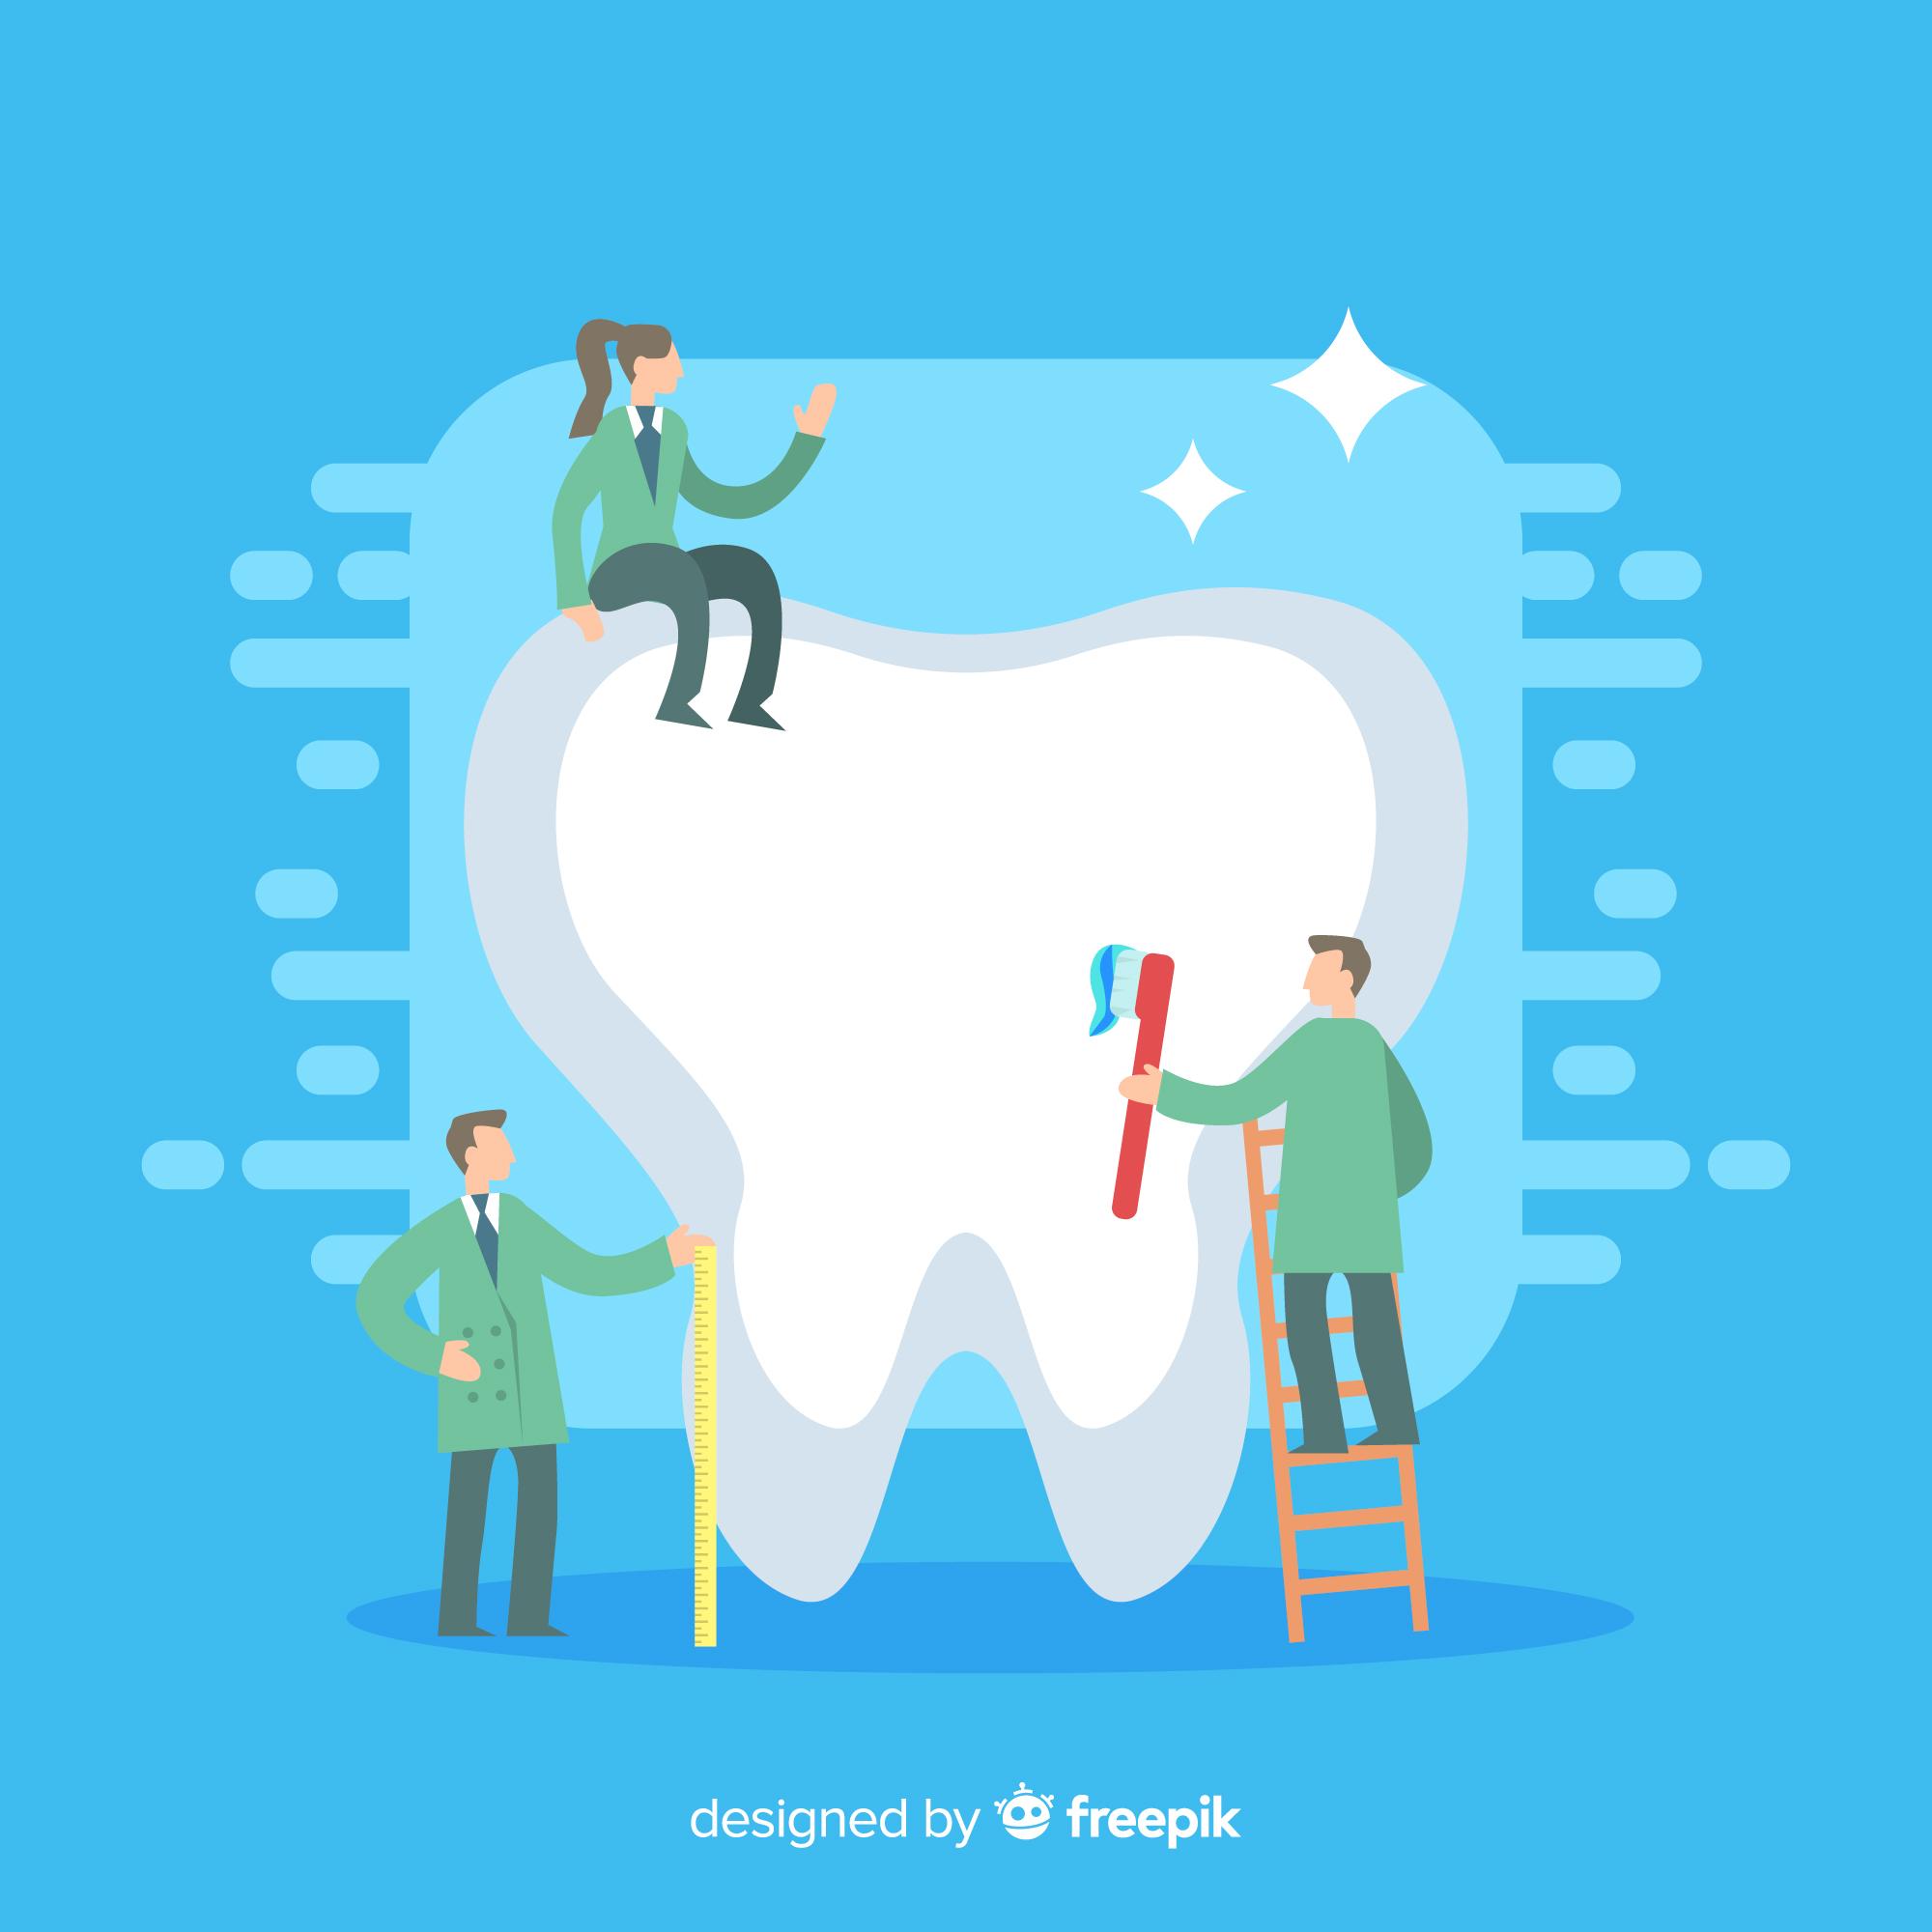 Como abrir uma clínica odontológica com um bom planejamento financeiro?